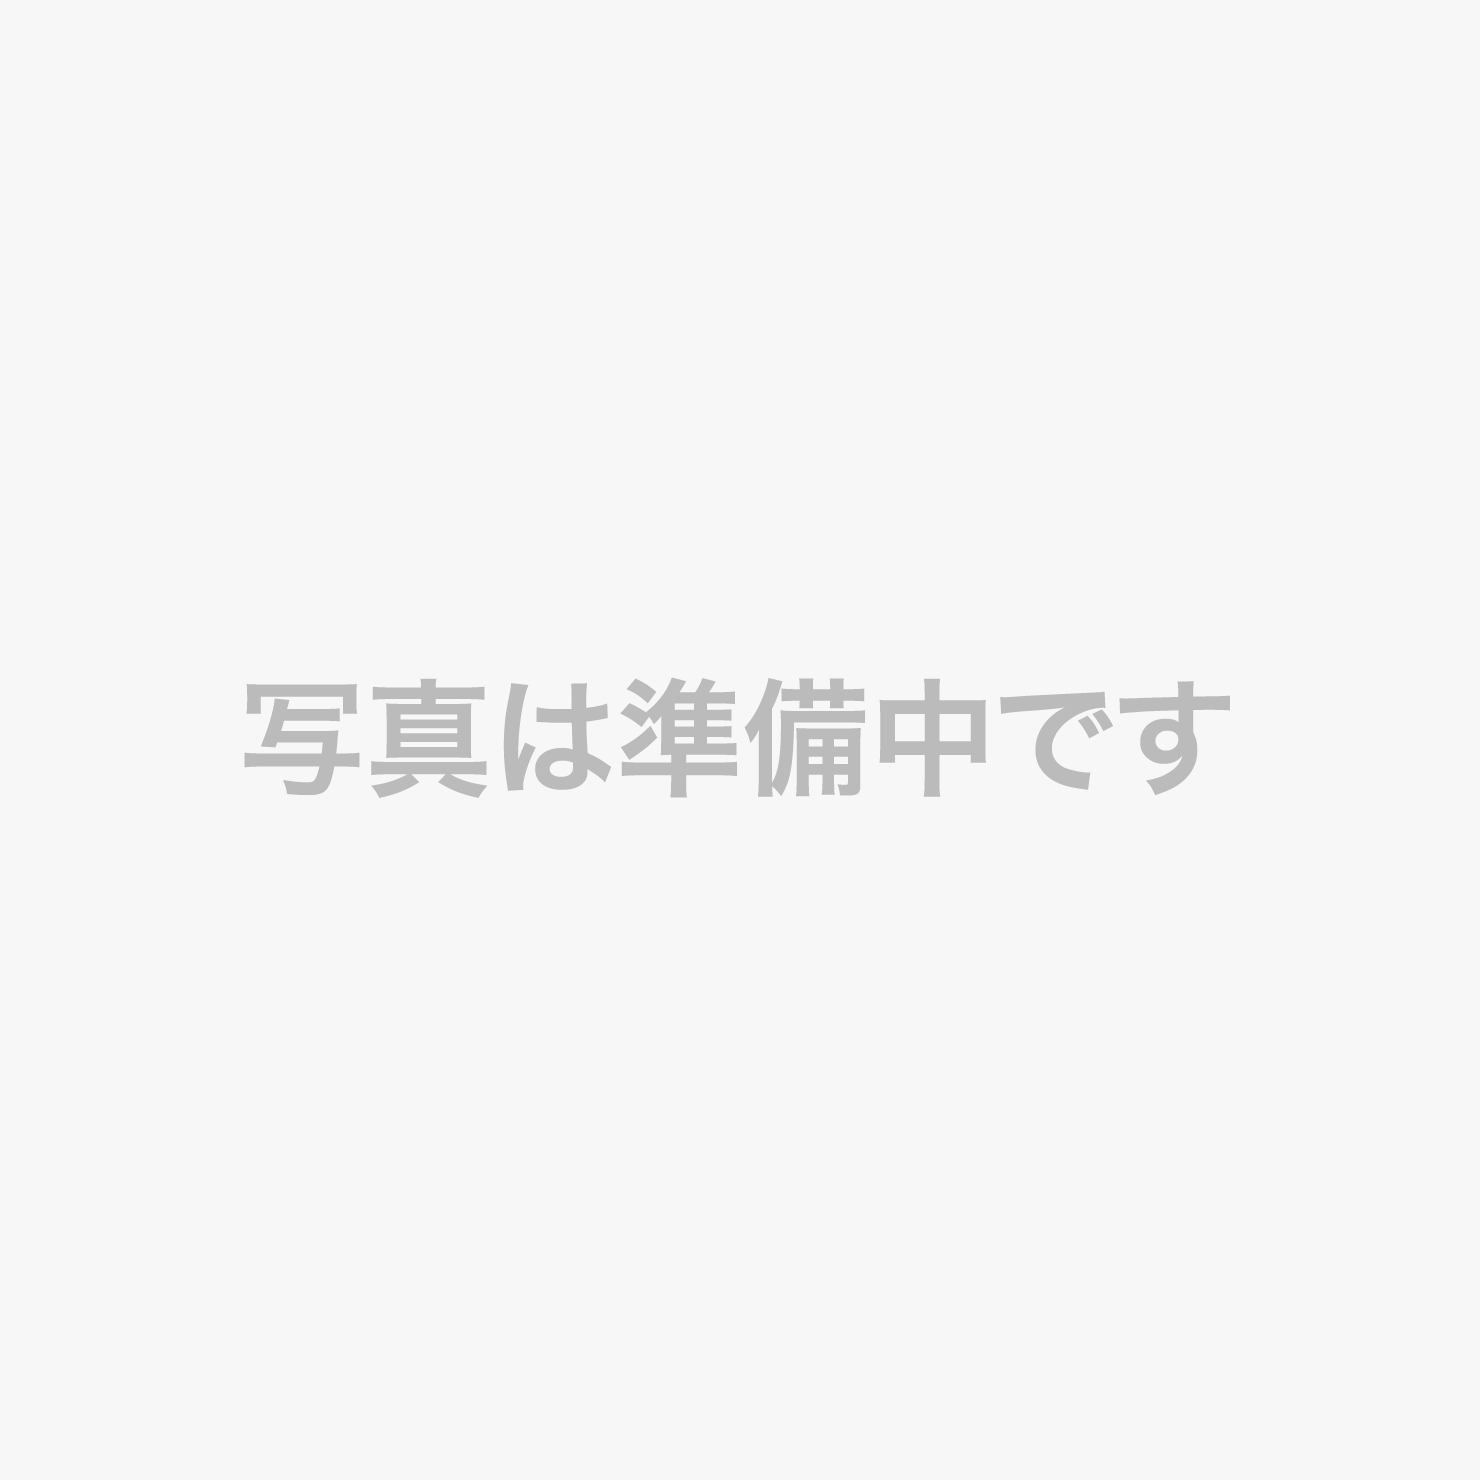 「豆腐サラダ」